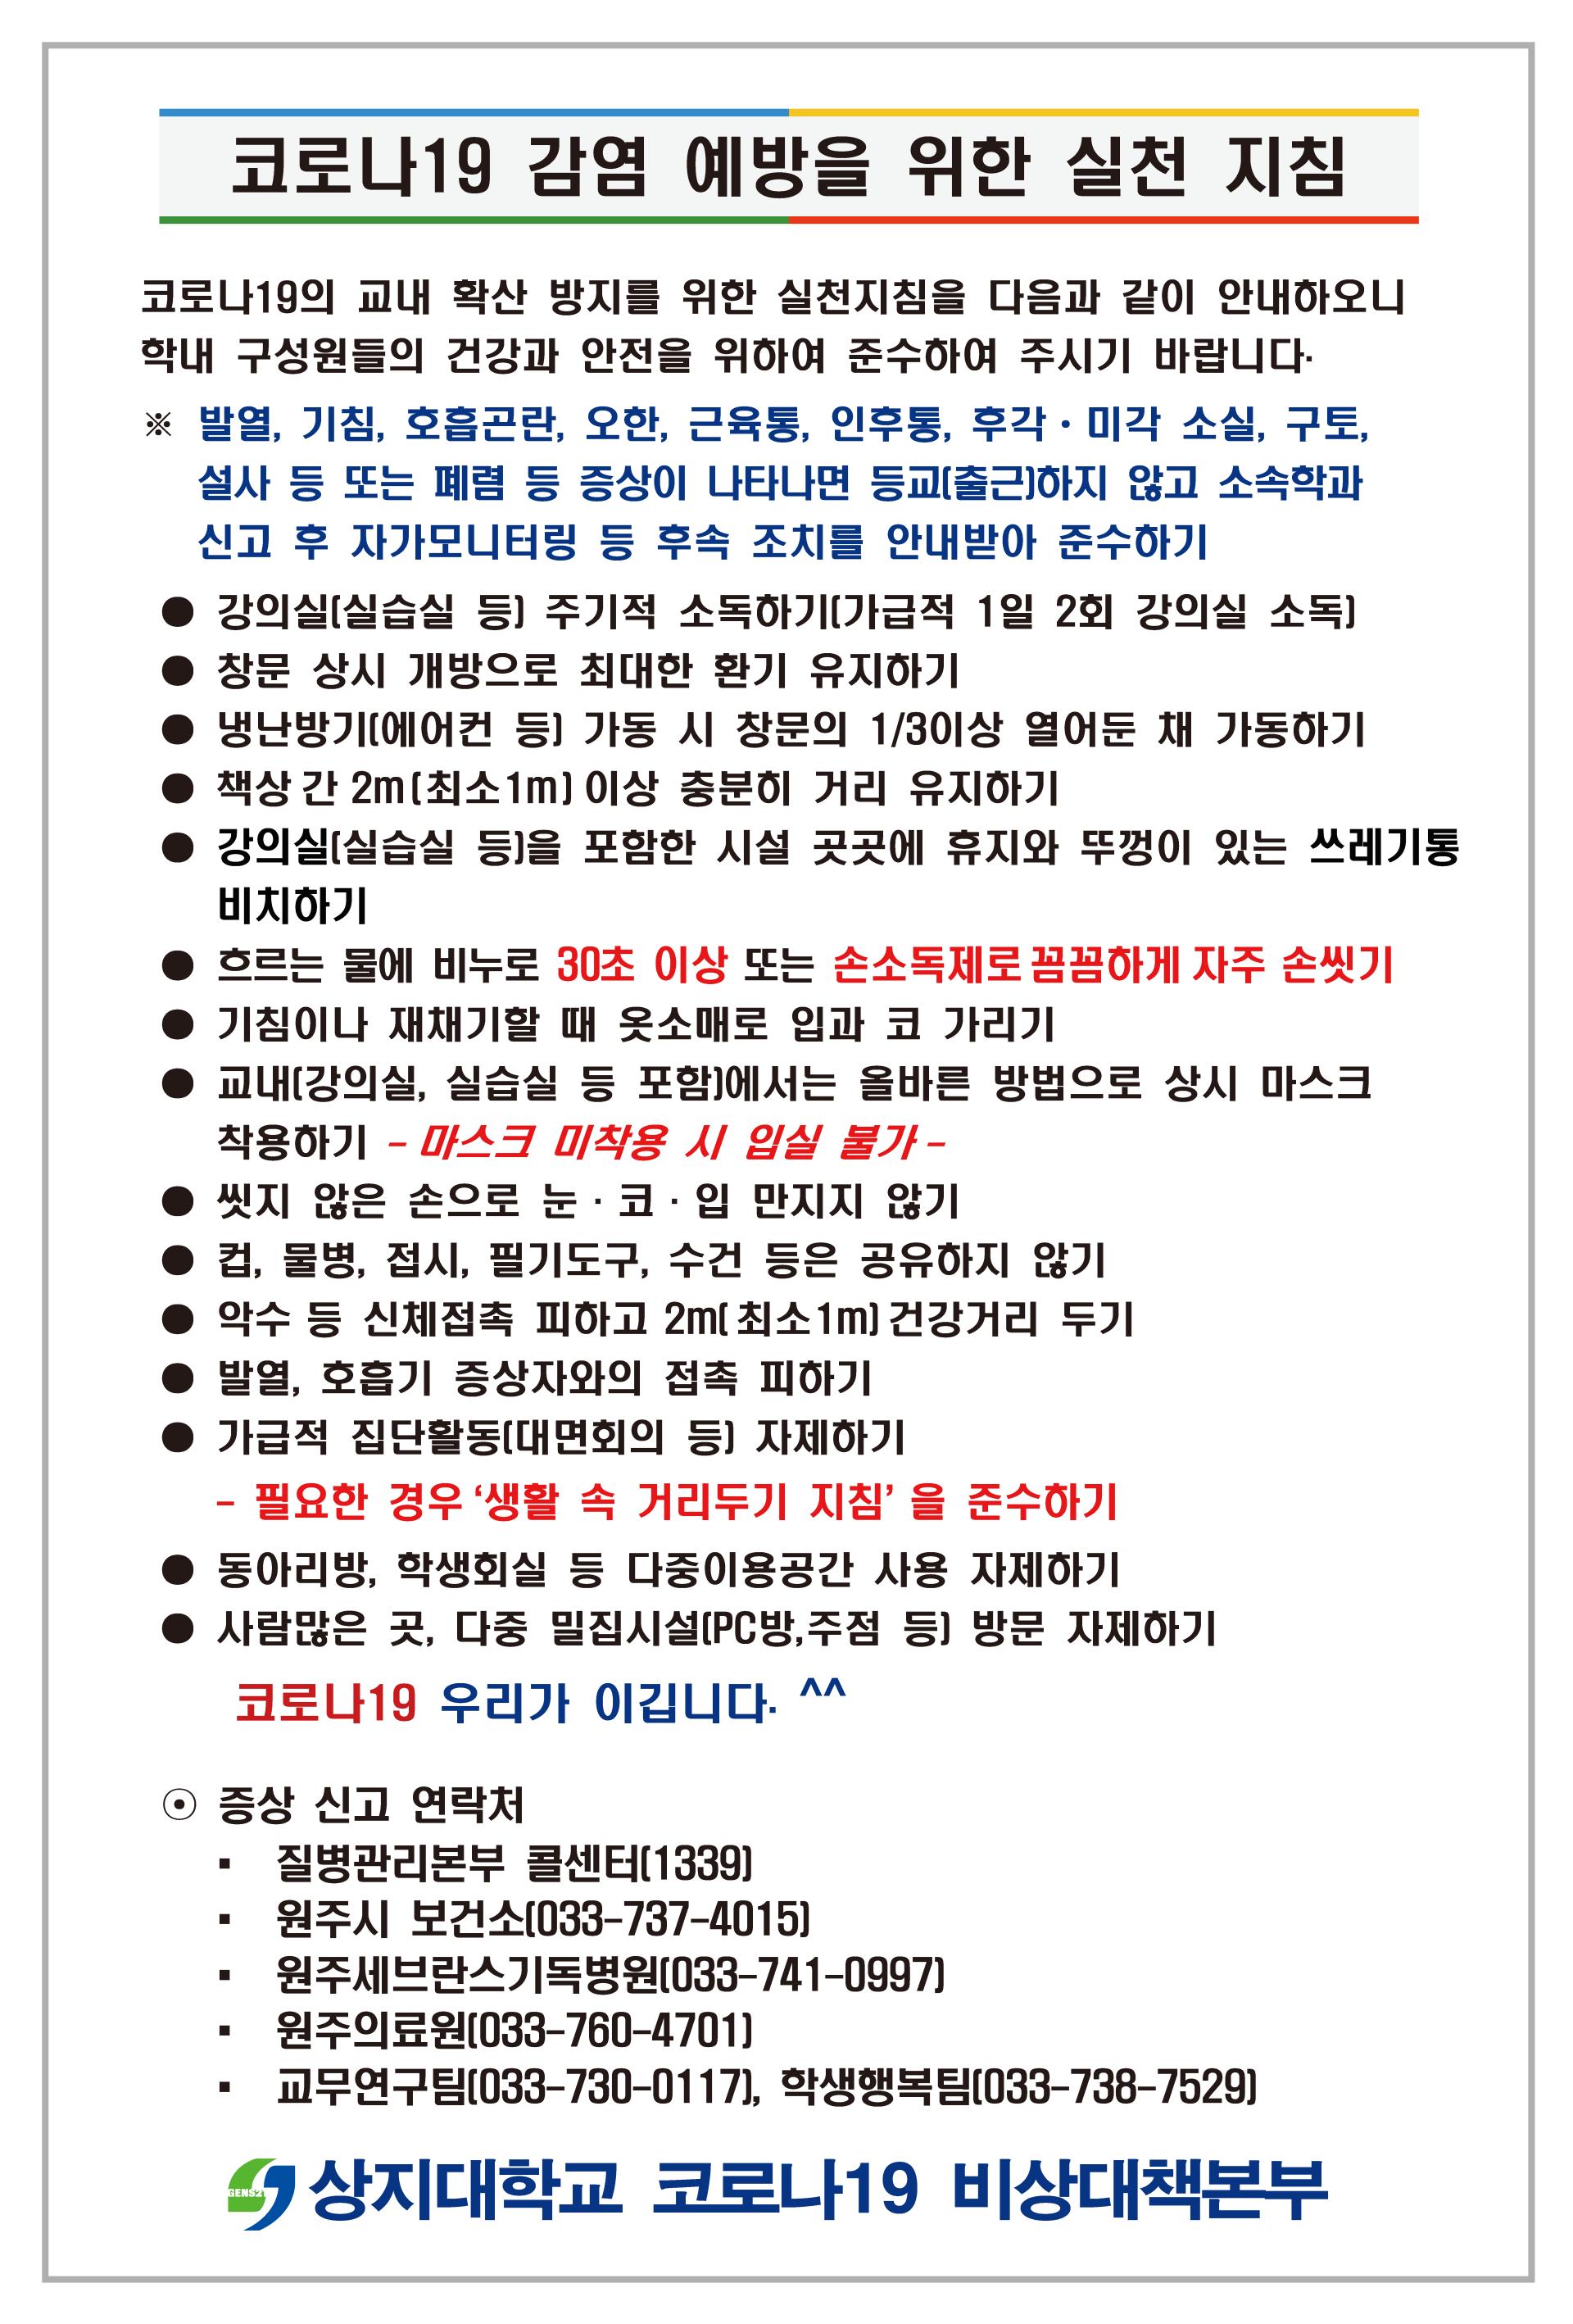 코로나19 감염 예방을 위한 실천 지침